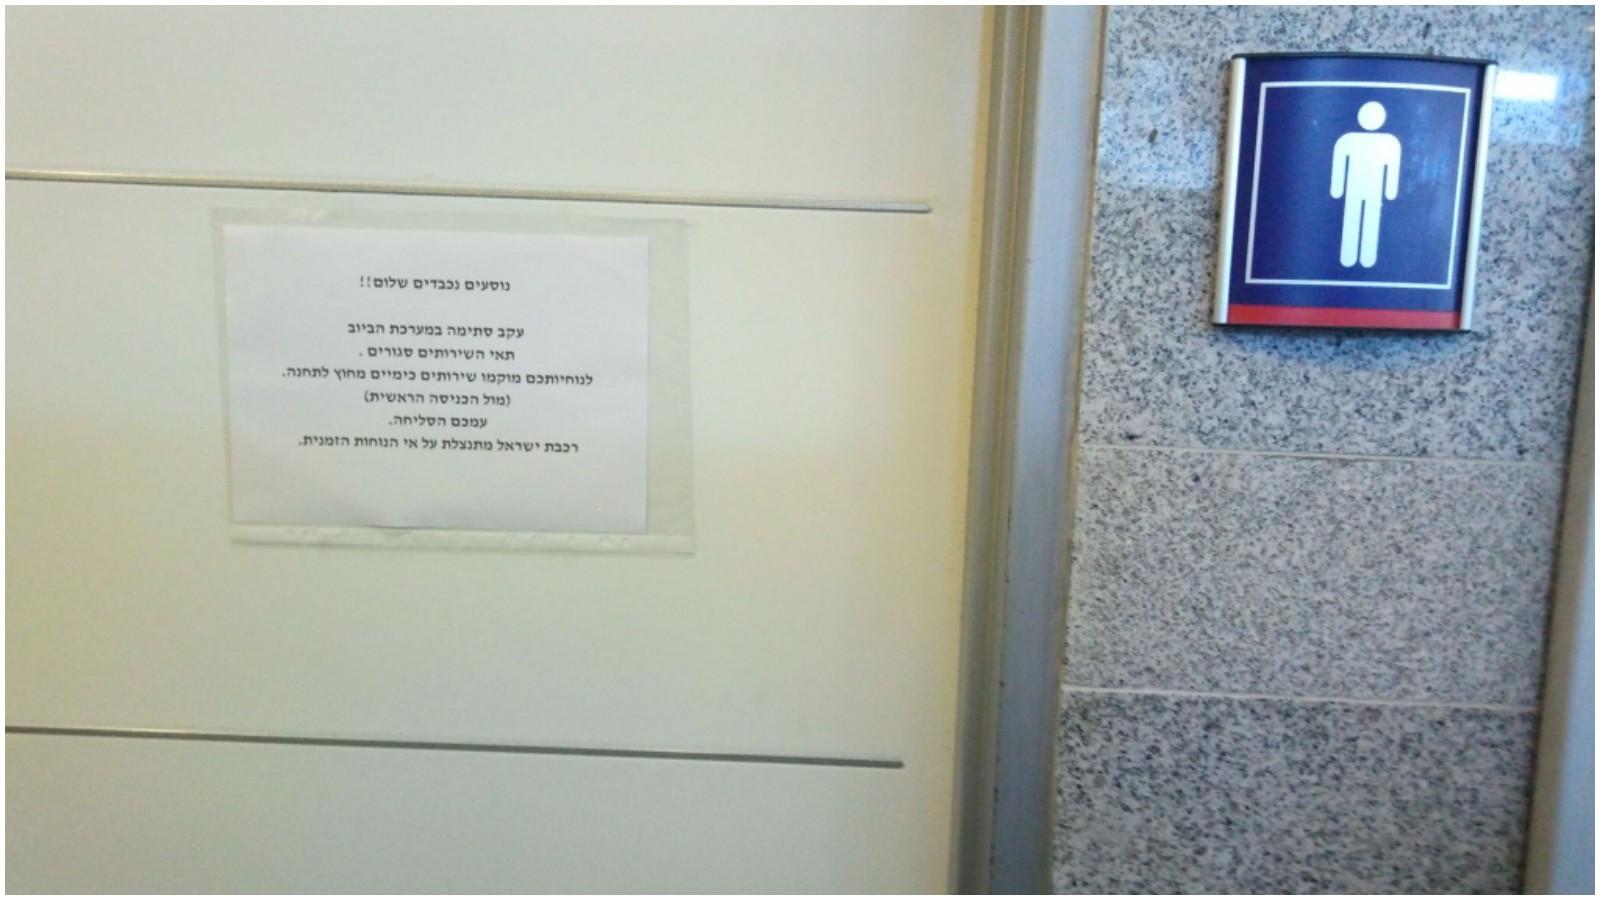 השירותים הסתומים בתחנת הרכבת. צילום באדיבות התושבים